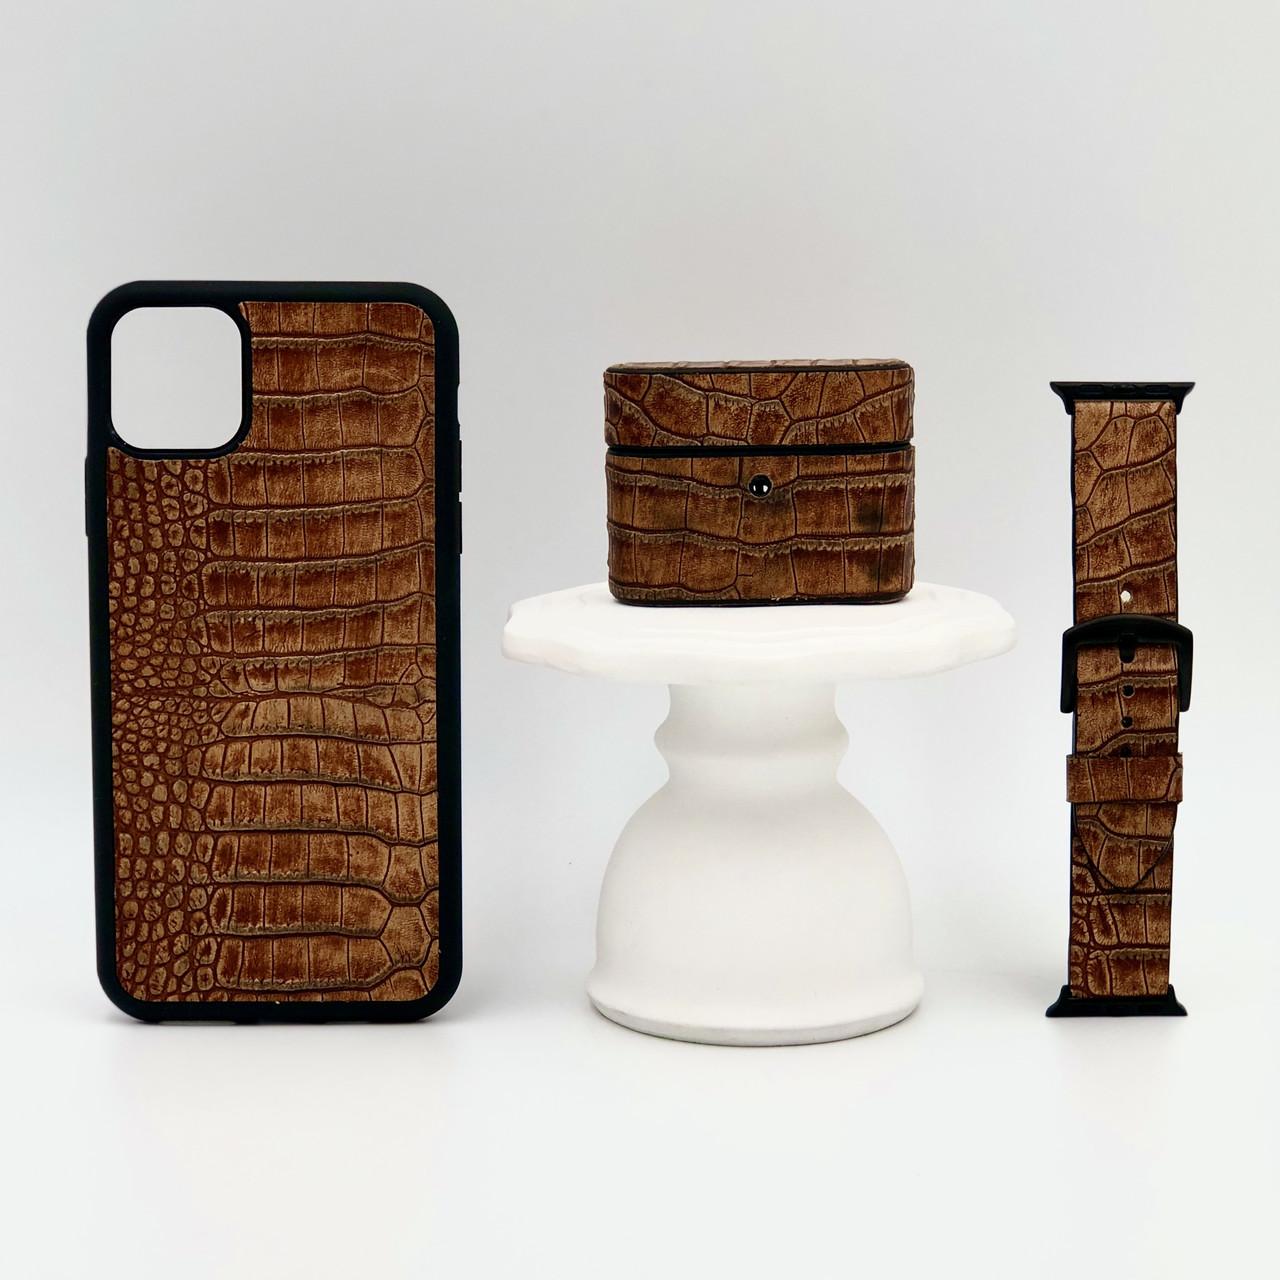 Набор из чехла для iPhone, чехла для AirPods и ремешка для Apple Watch коричневого цвета из Телячьей кожи